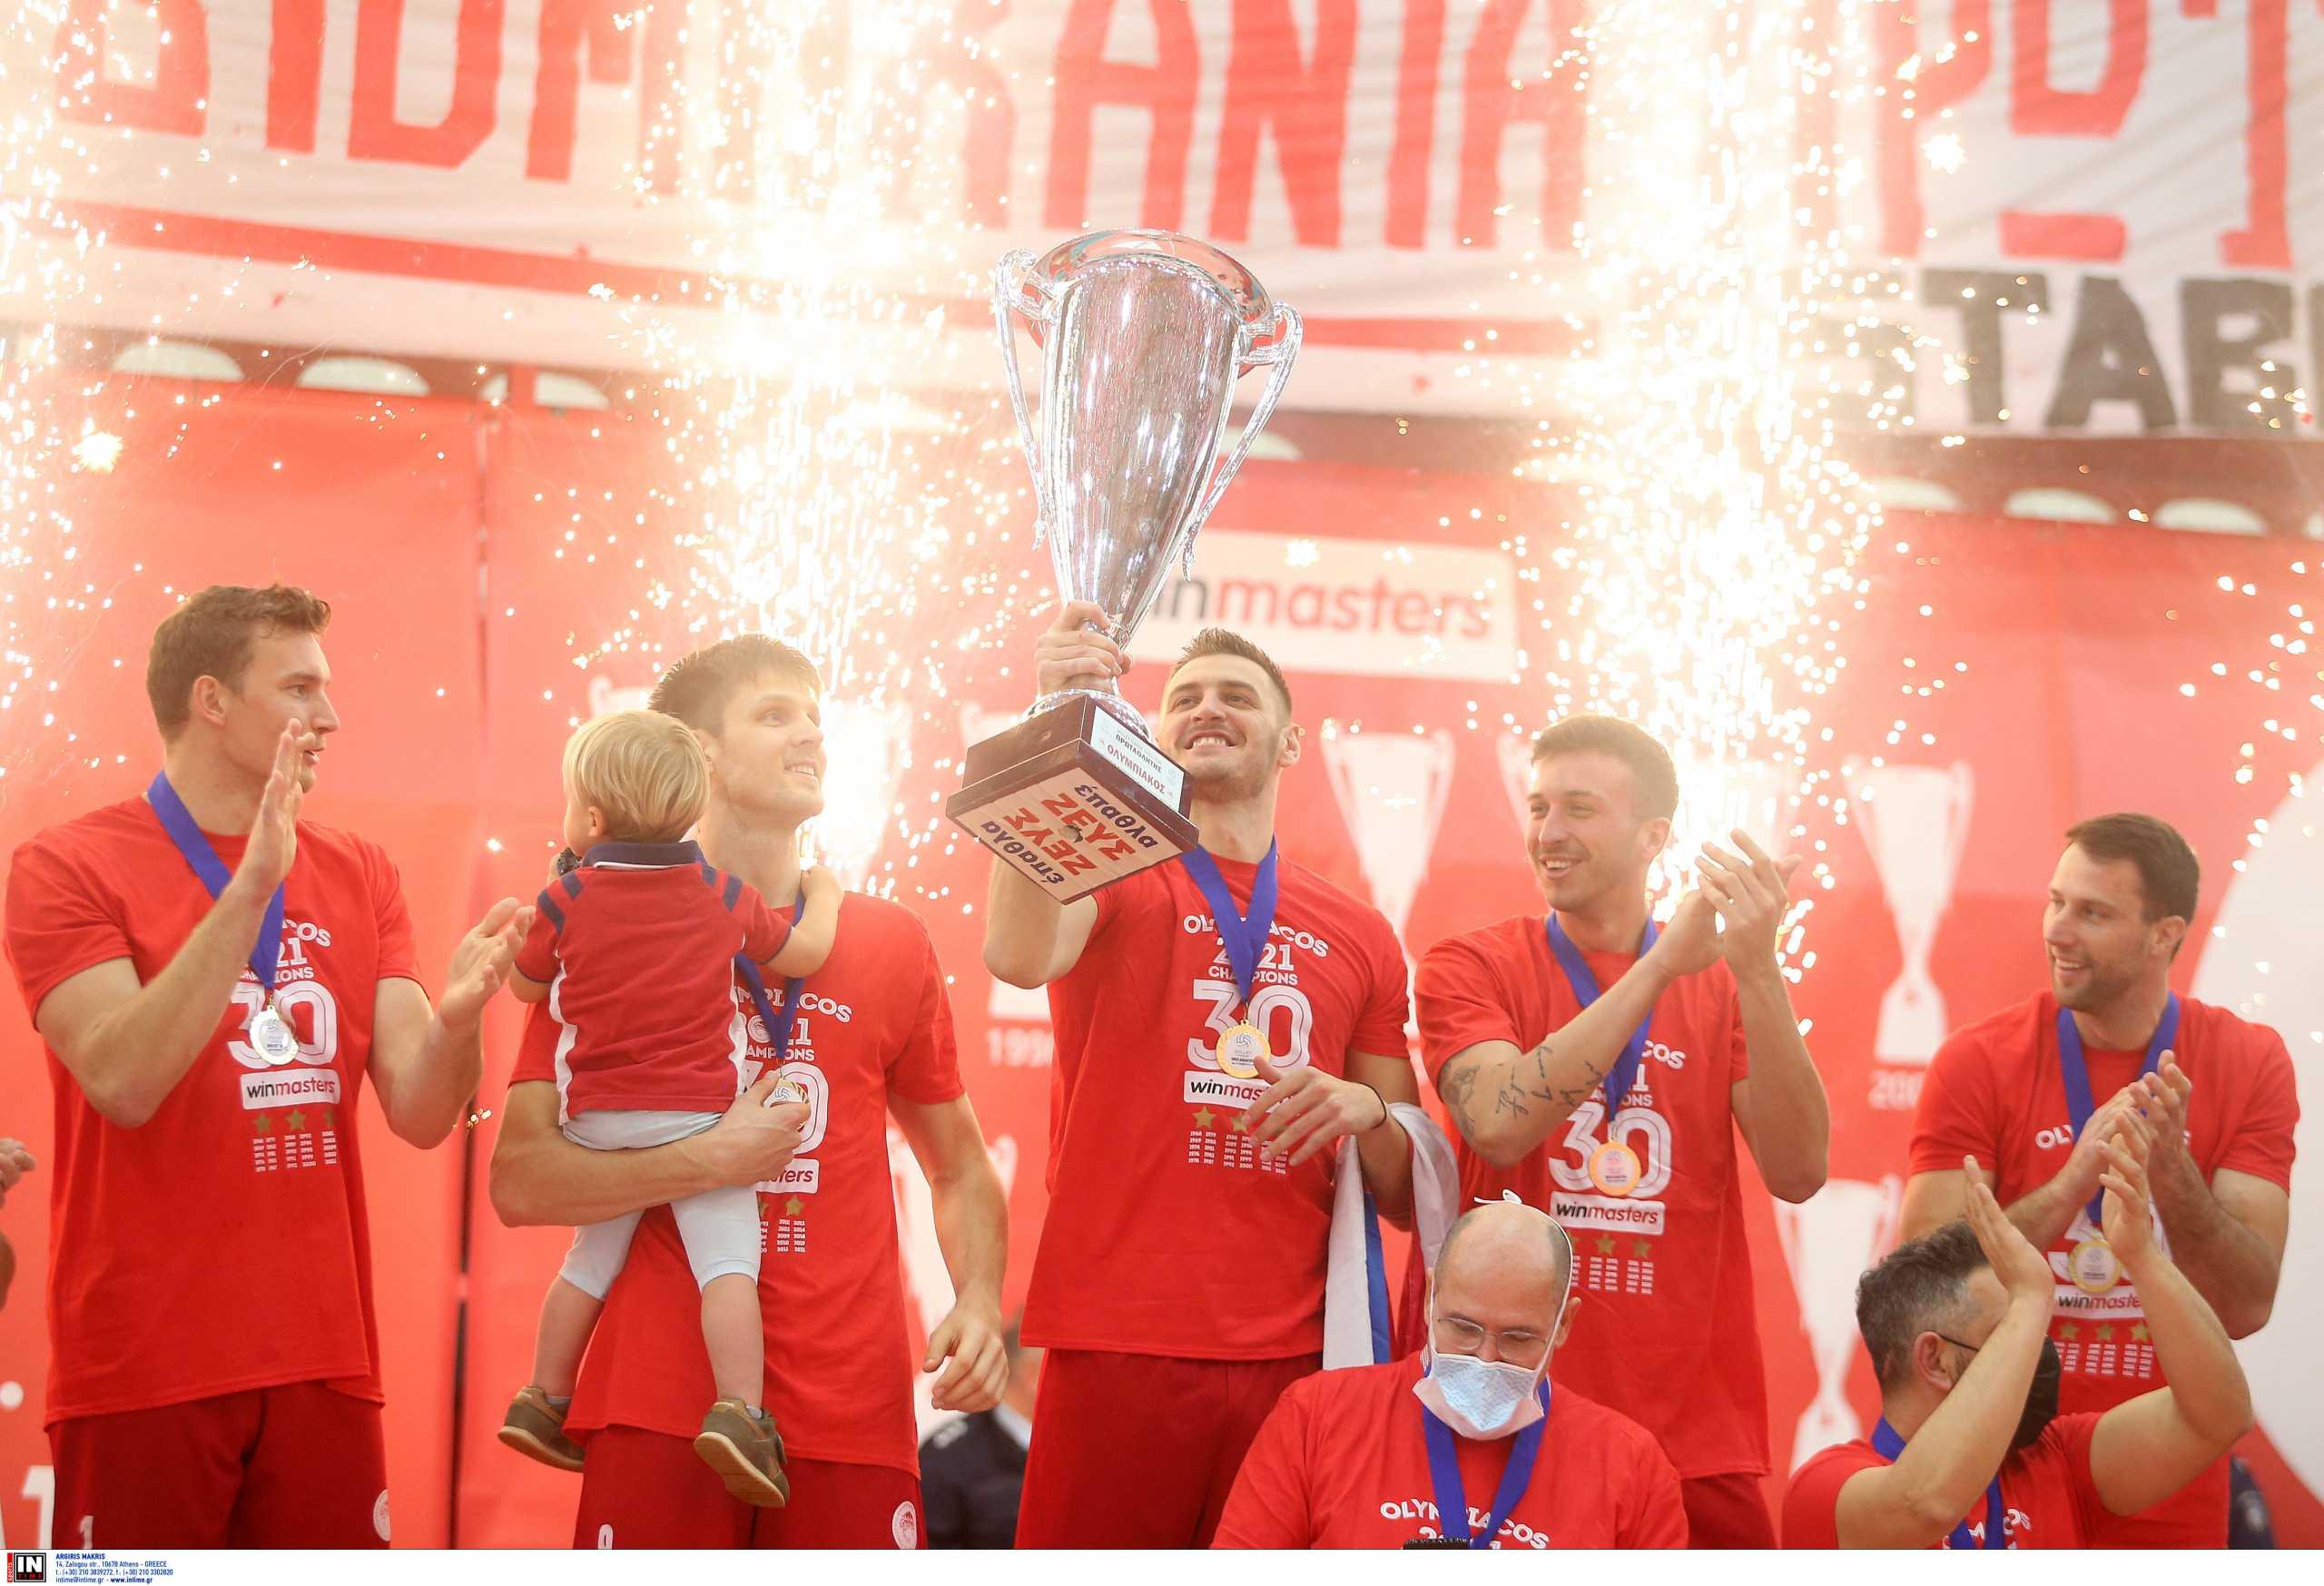 Ολυμπιακός: «Πάρτι» τίτλου με τον ΠΑΟΚ και απονομή του πρωταθλήματος της Volleyleague  (video)